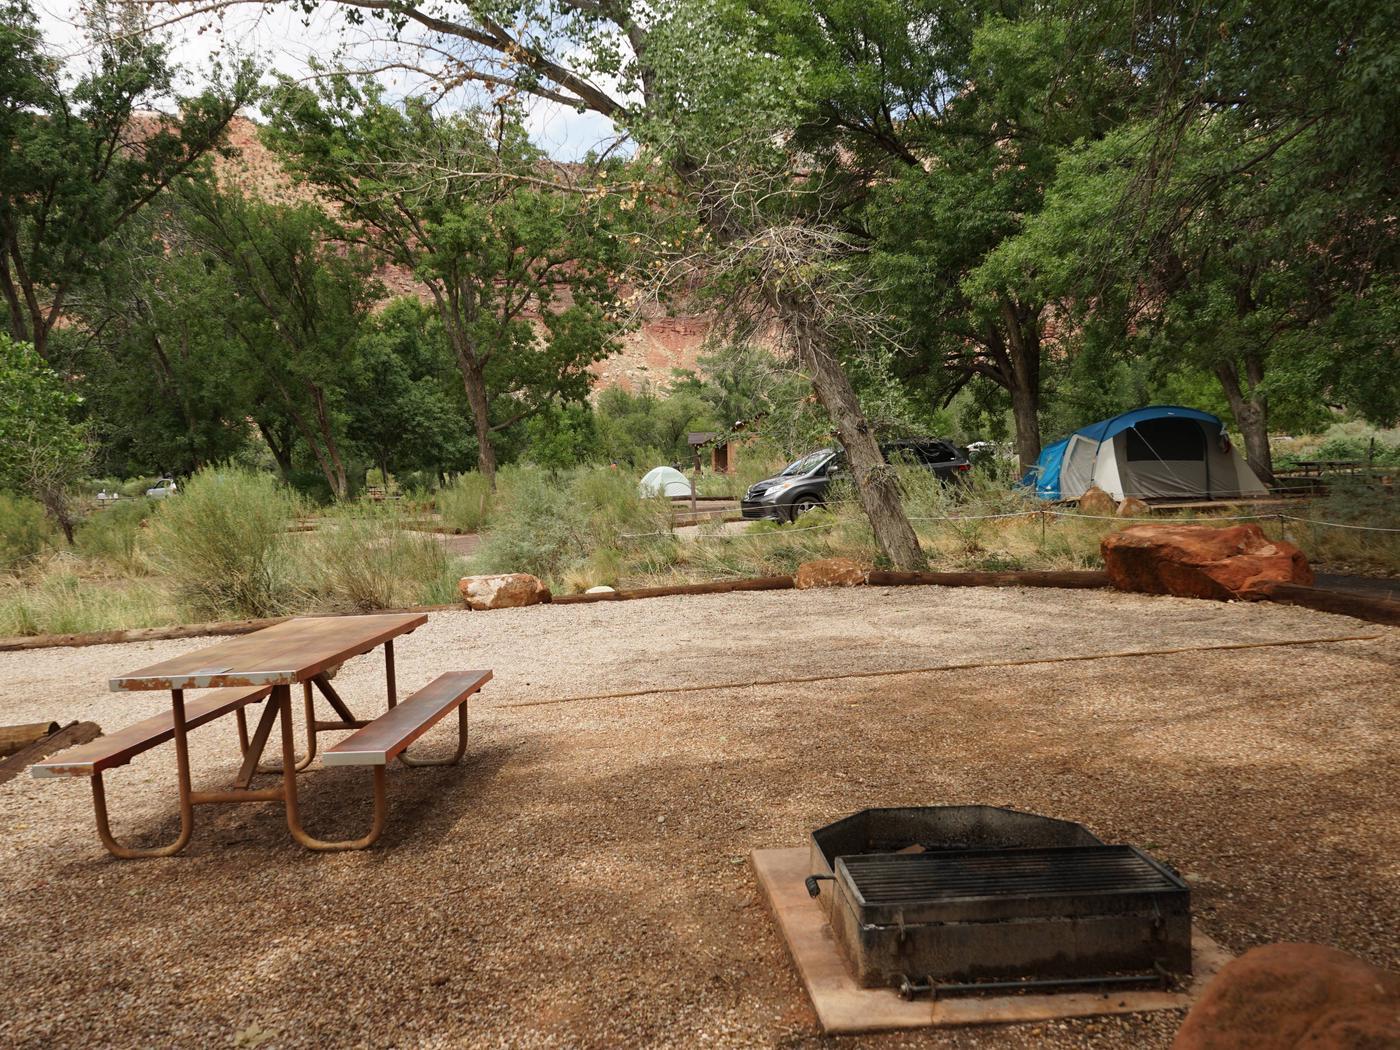 Campsite areaD4